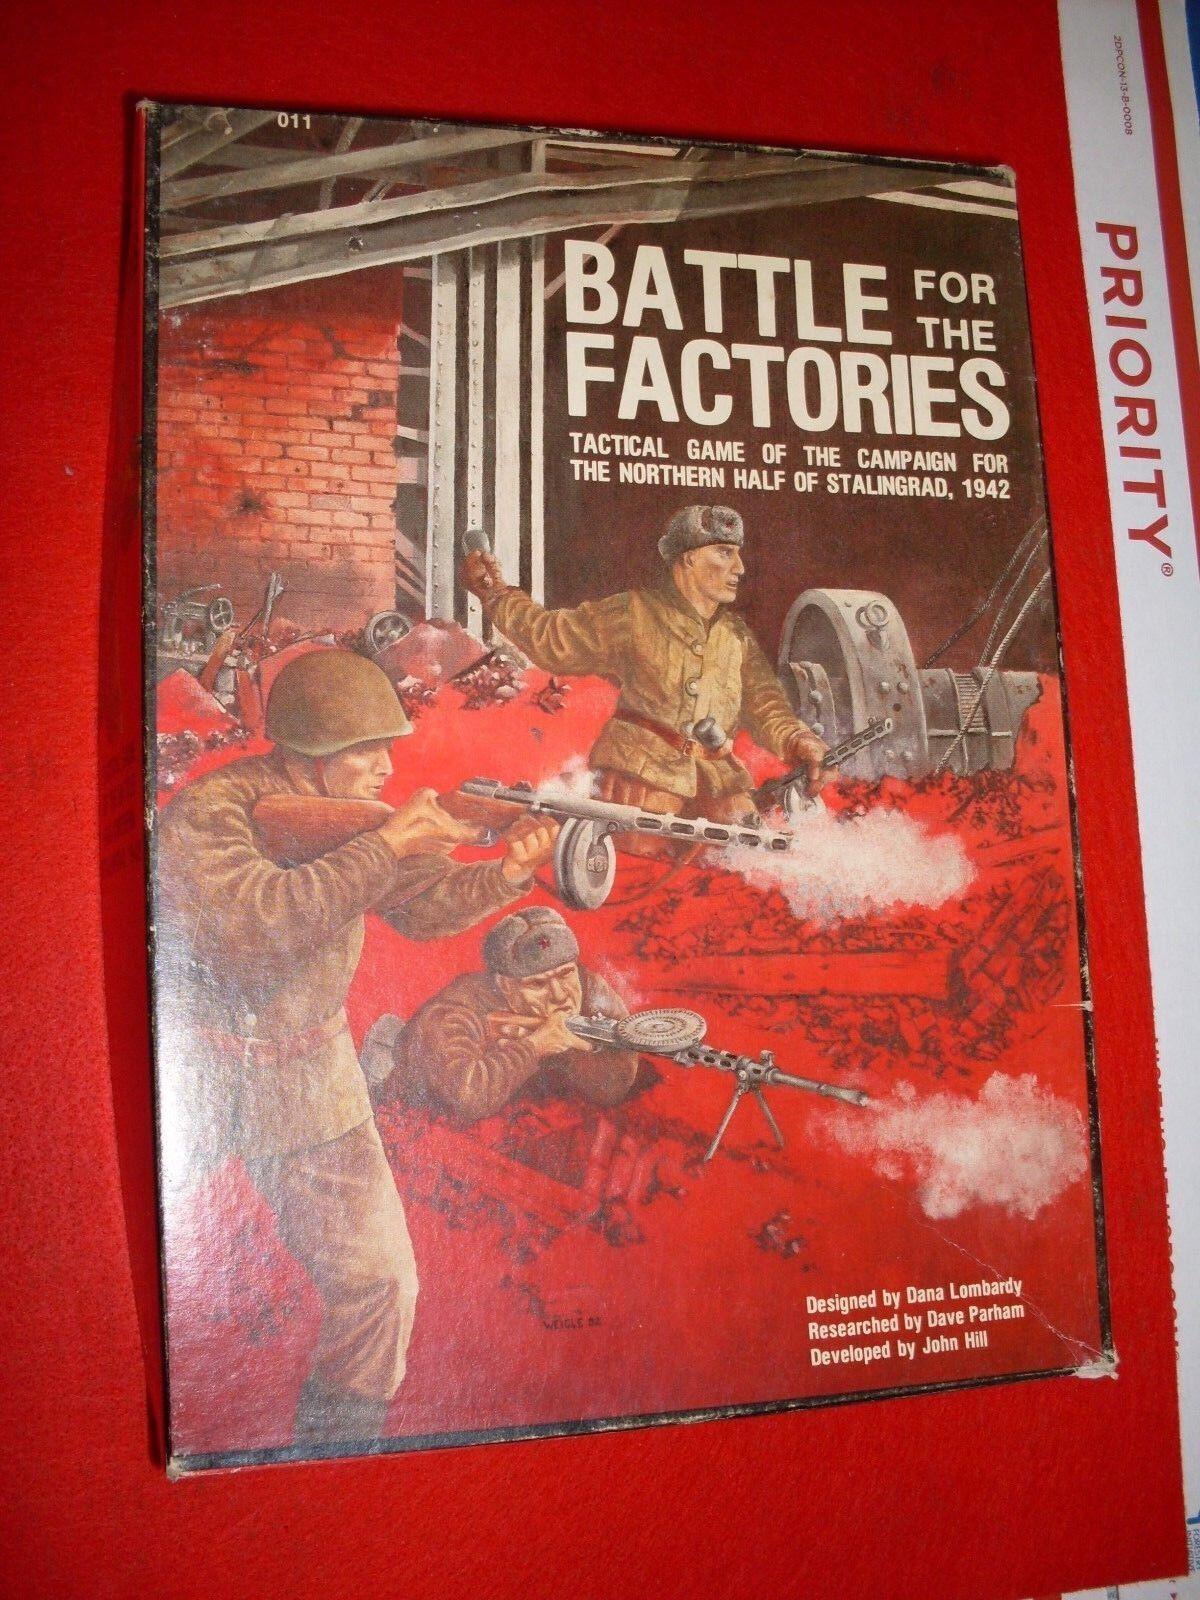 Batalla por las fábricas-campaña para la mitad norte de Stalingrado 1942 casi como nuevo